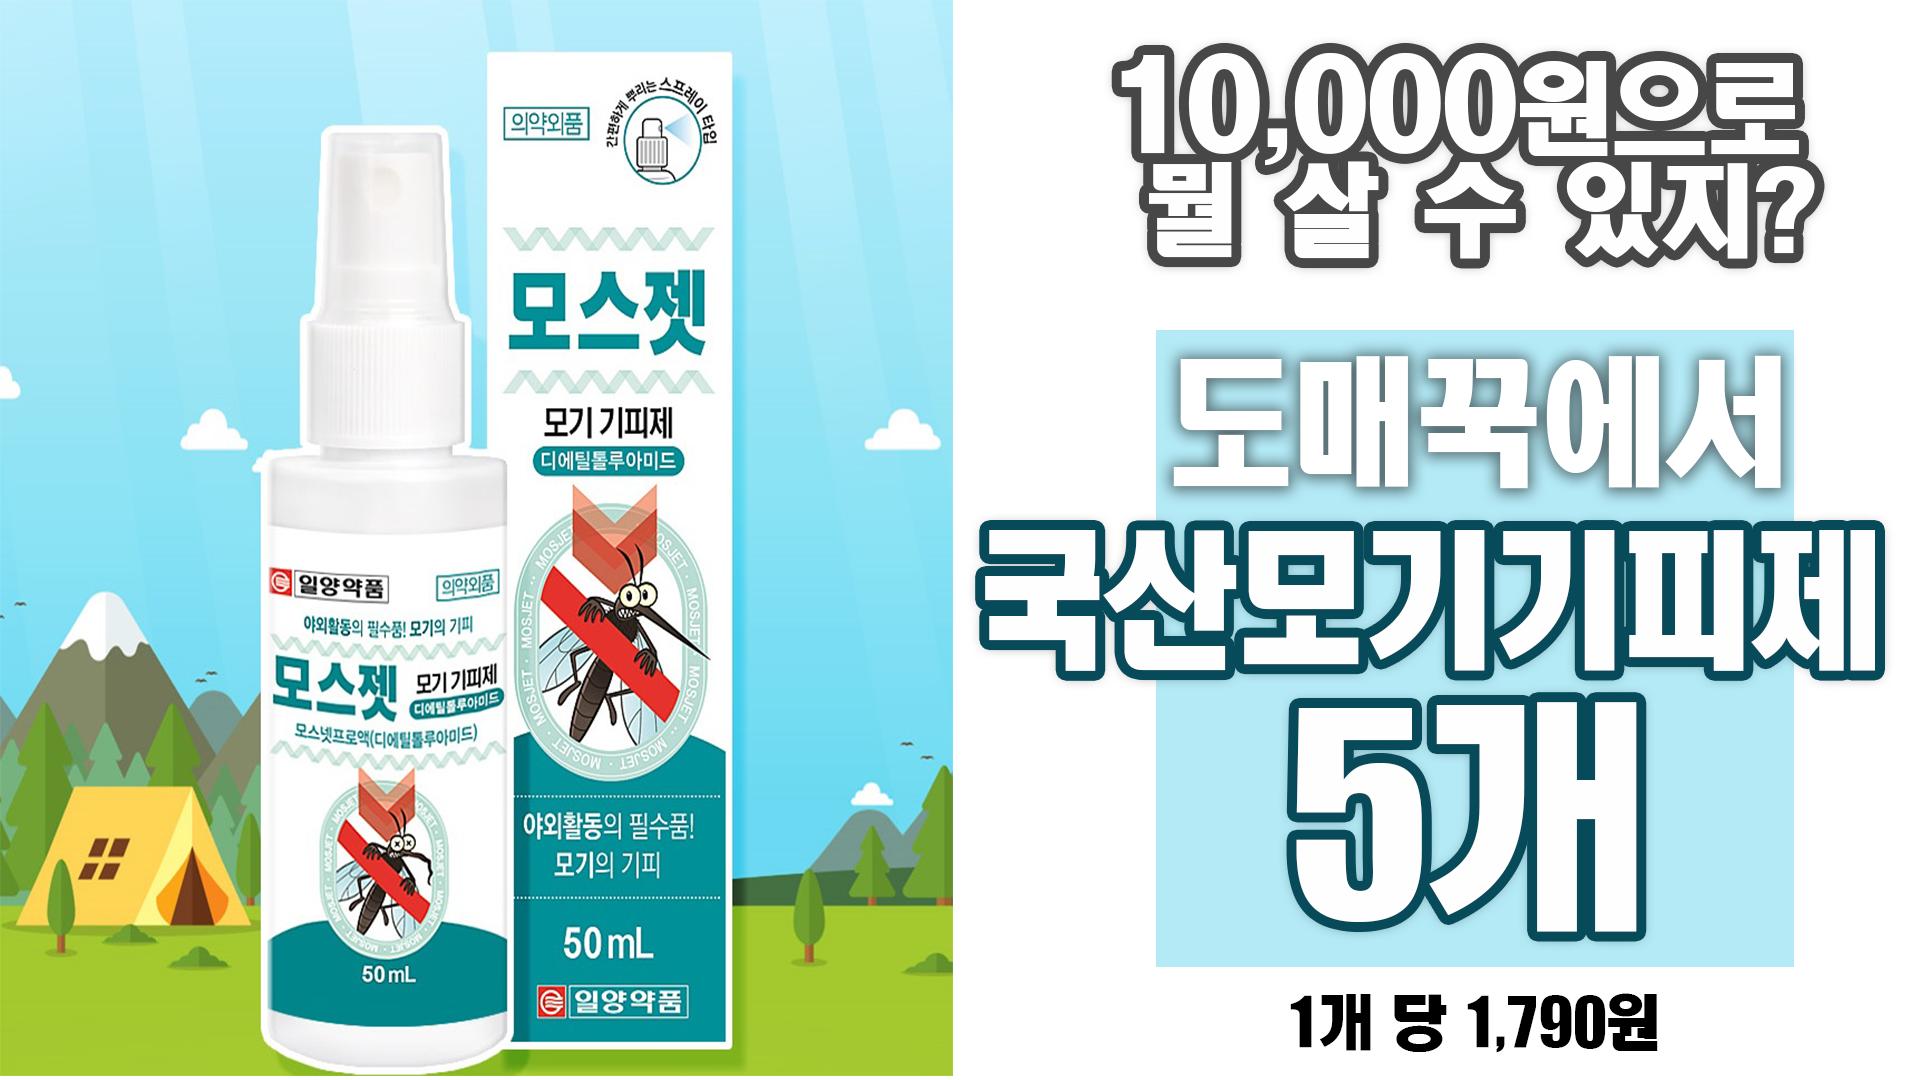 [일양약품]국산 모기기피제 50mL/모기/진드기 스프레이